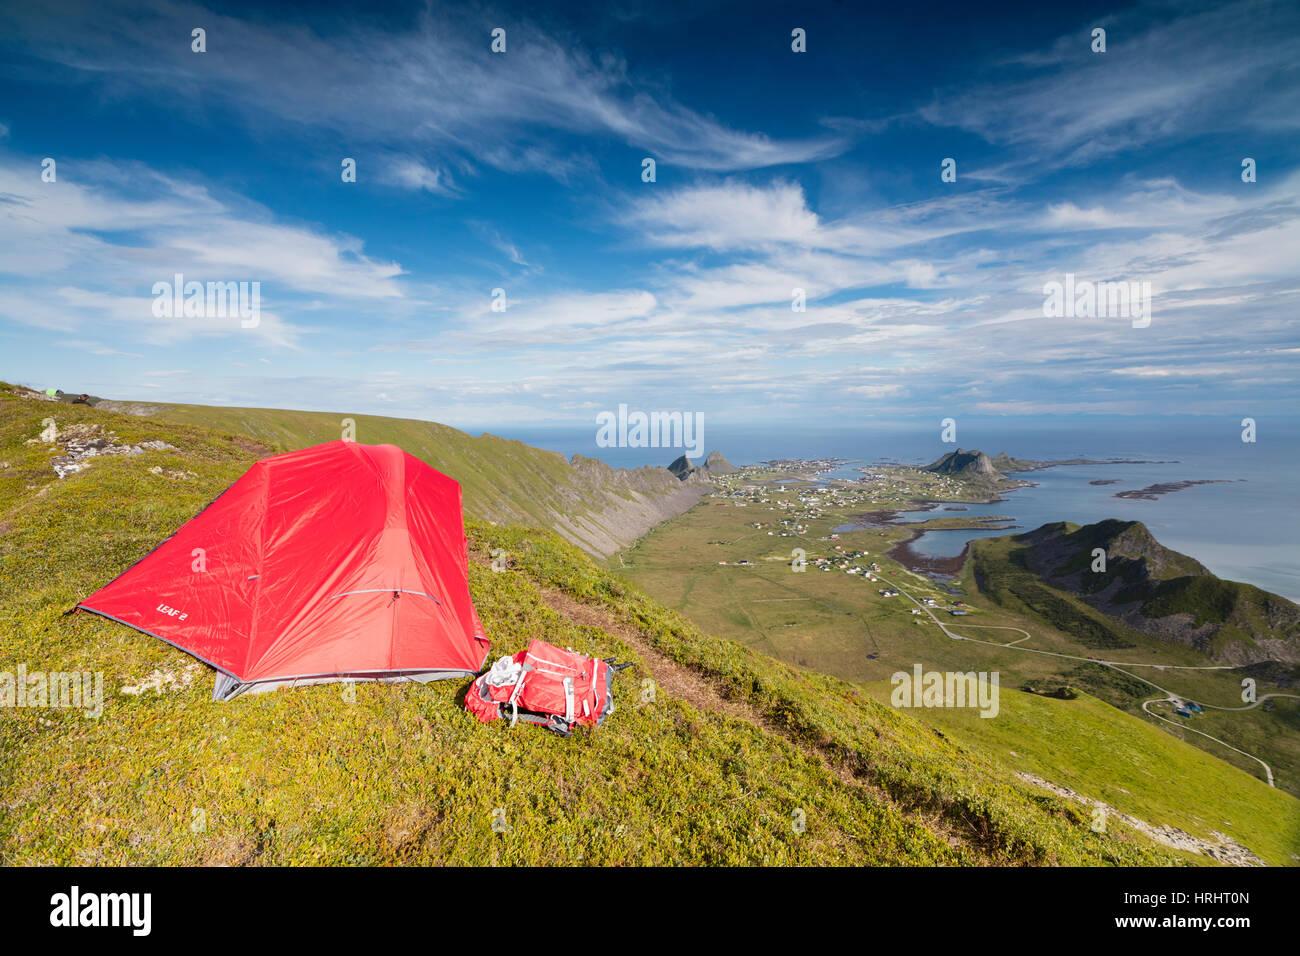 Tente sur crête de montagne et vue sur les pâturages et la mer, l'île de Vaeroy Sorland, comté Photo Stock